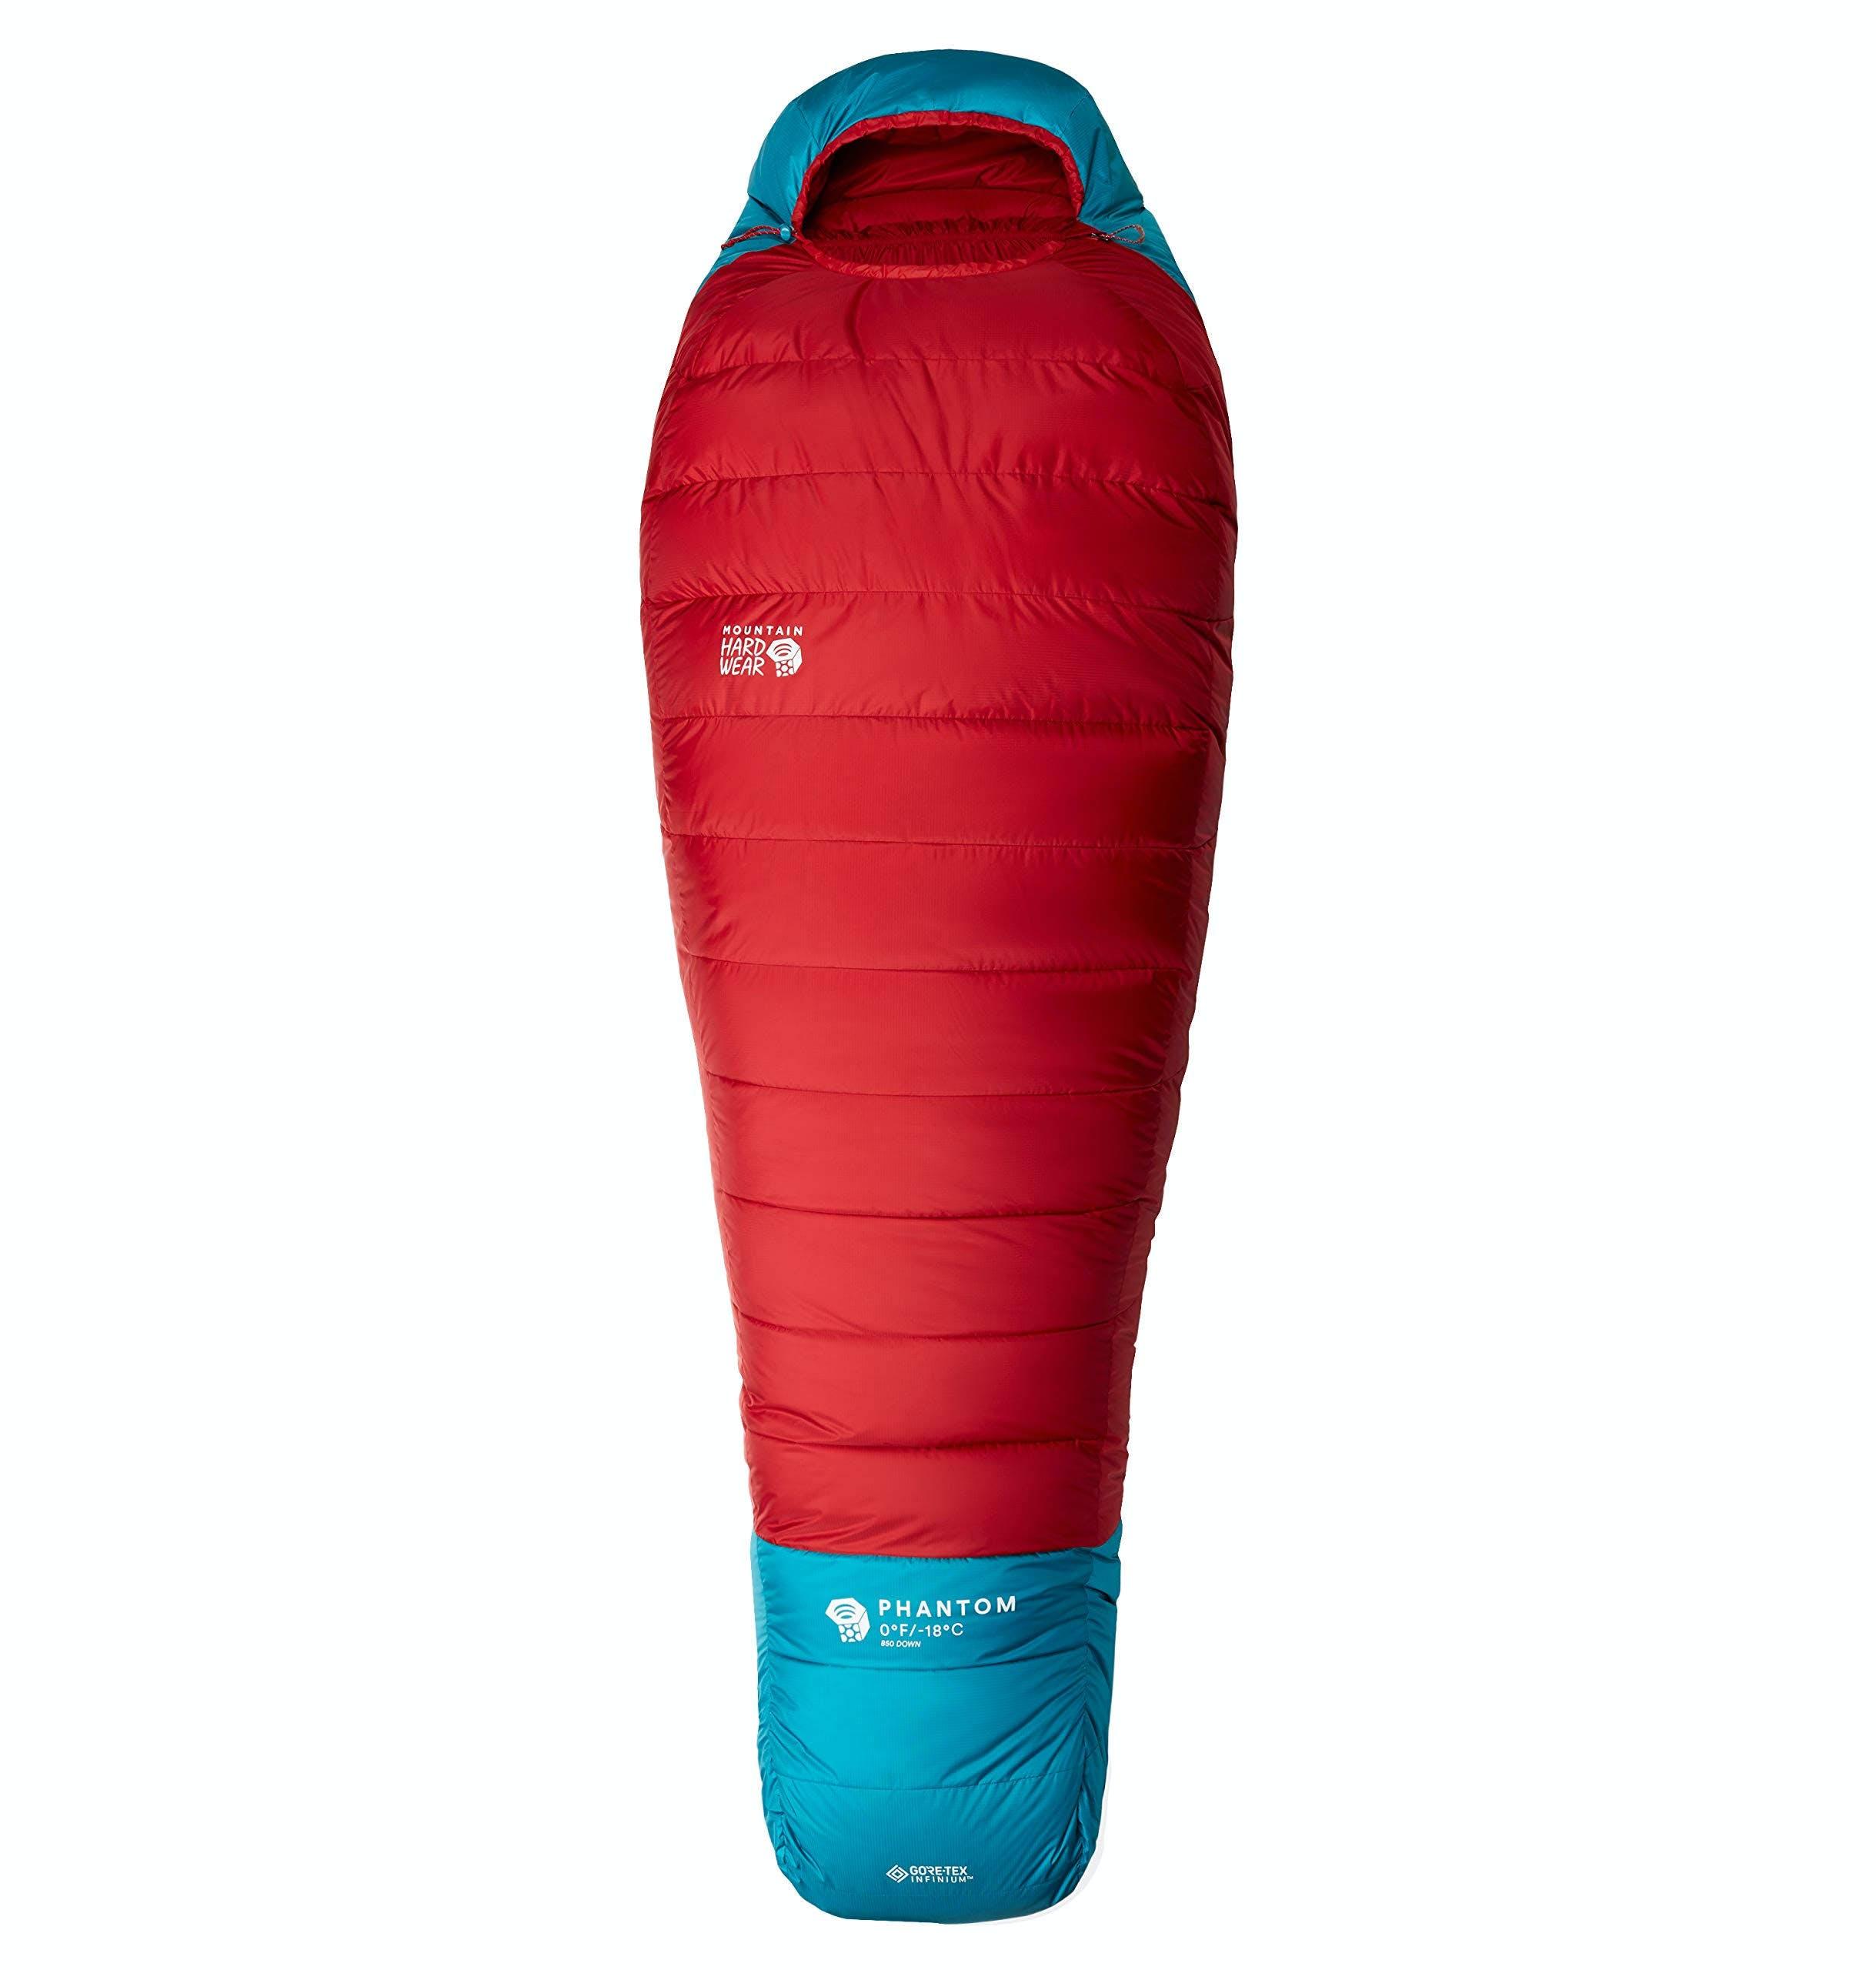 Mountain Hardwear Phantom Gore-Tex -18C Long Left Sleeping Bag Red